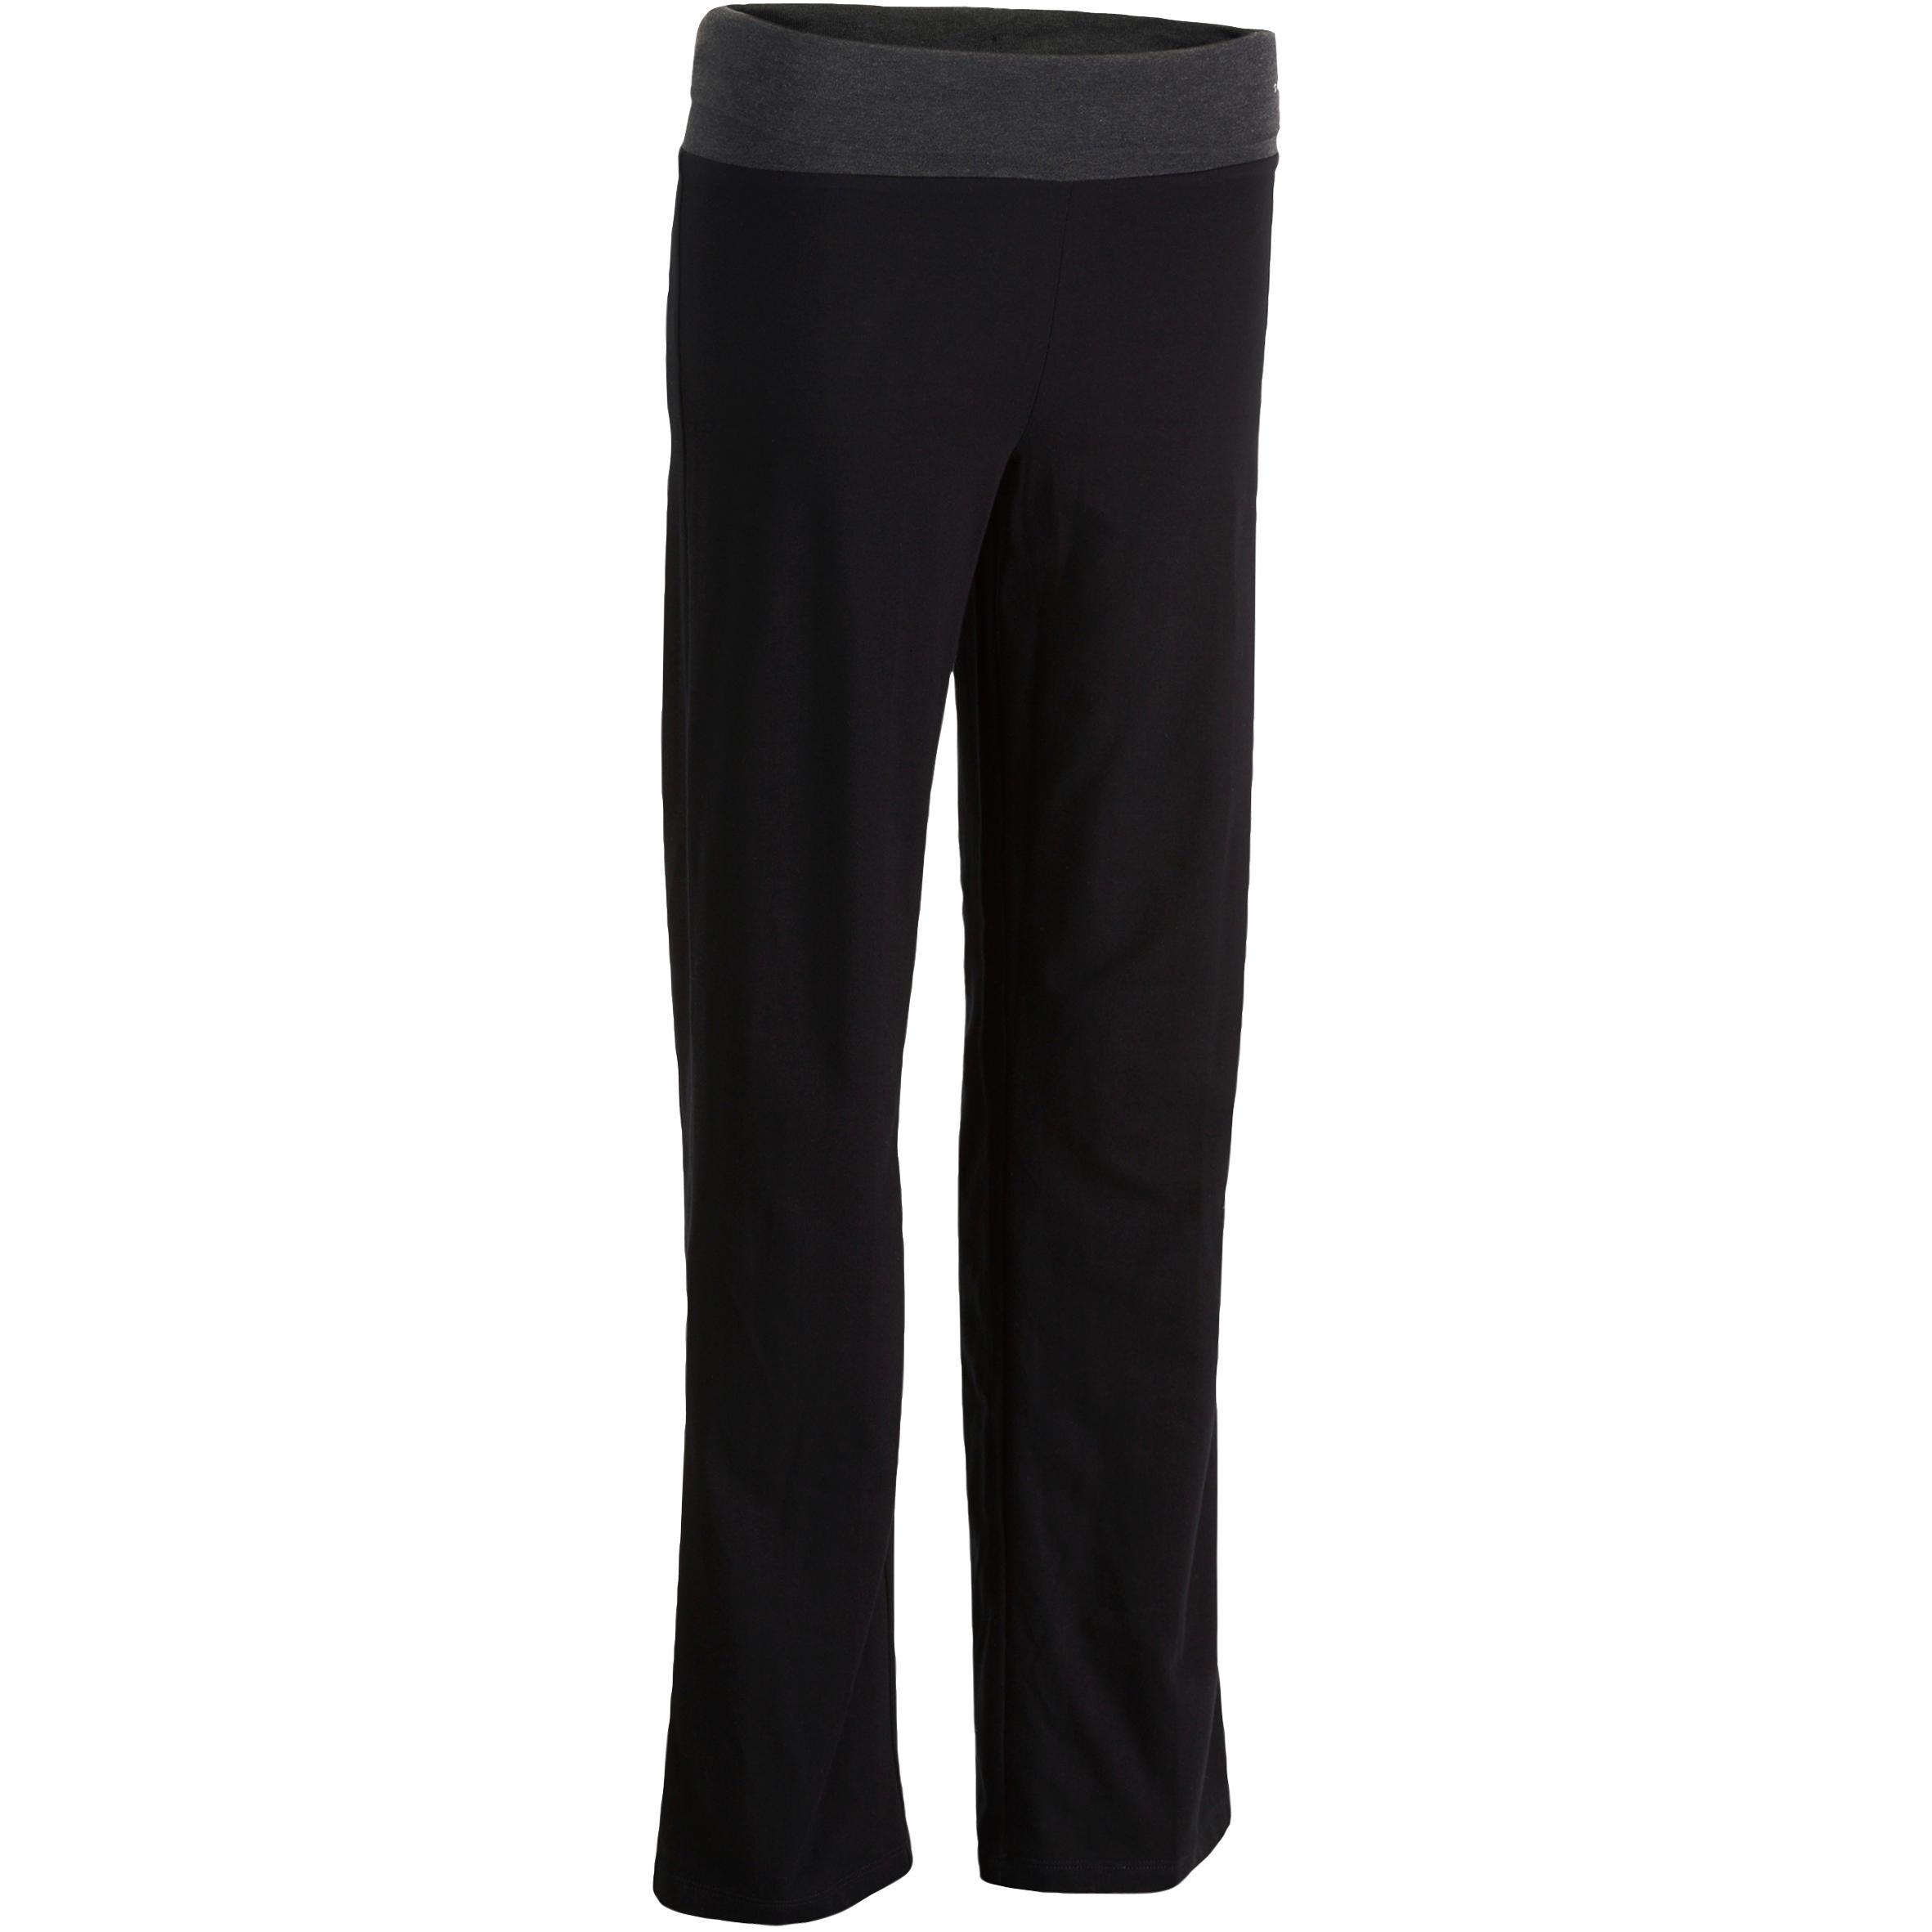 Pantalón yoga algodón biológico mujer negro gris